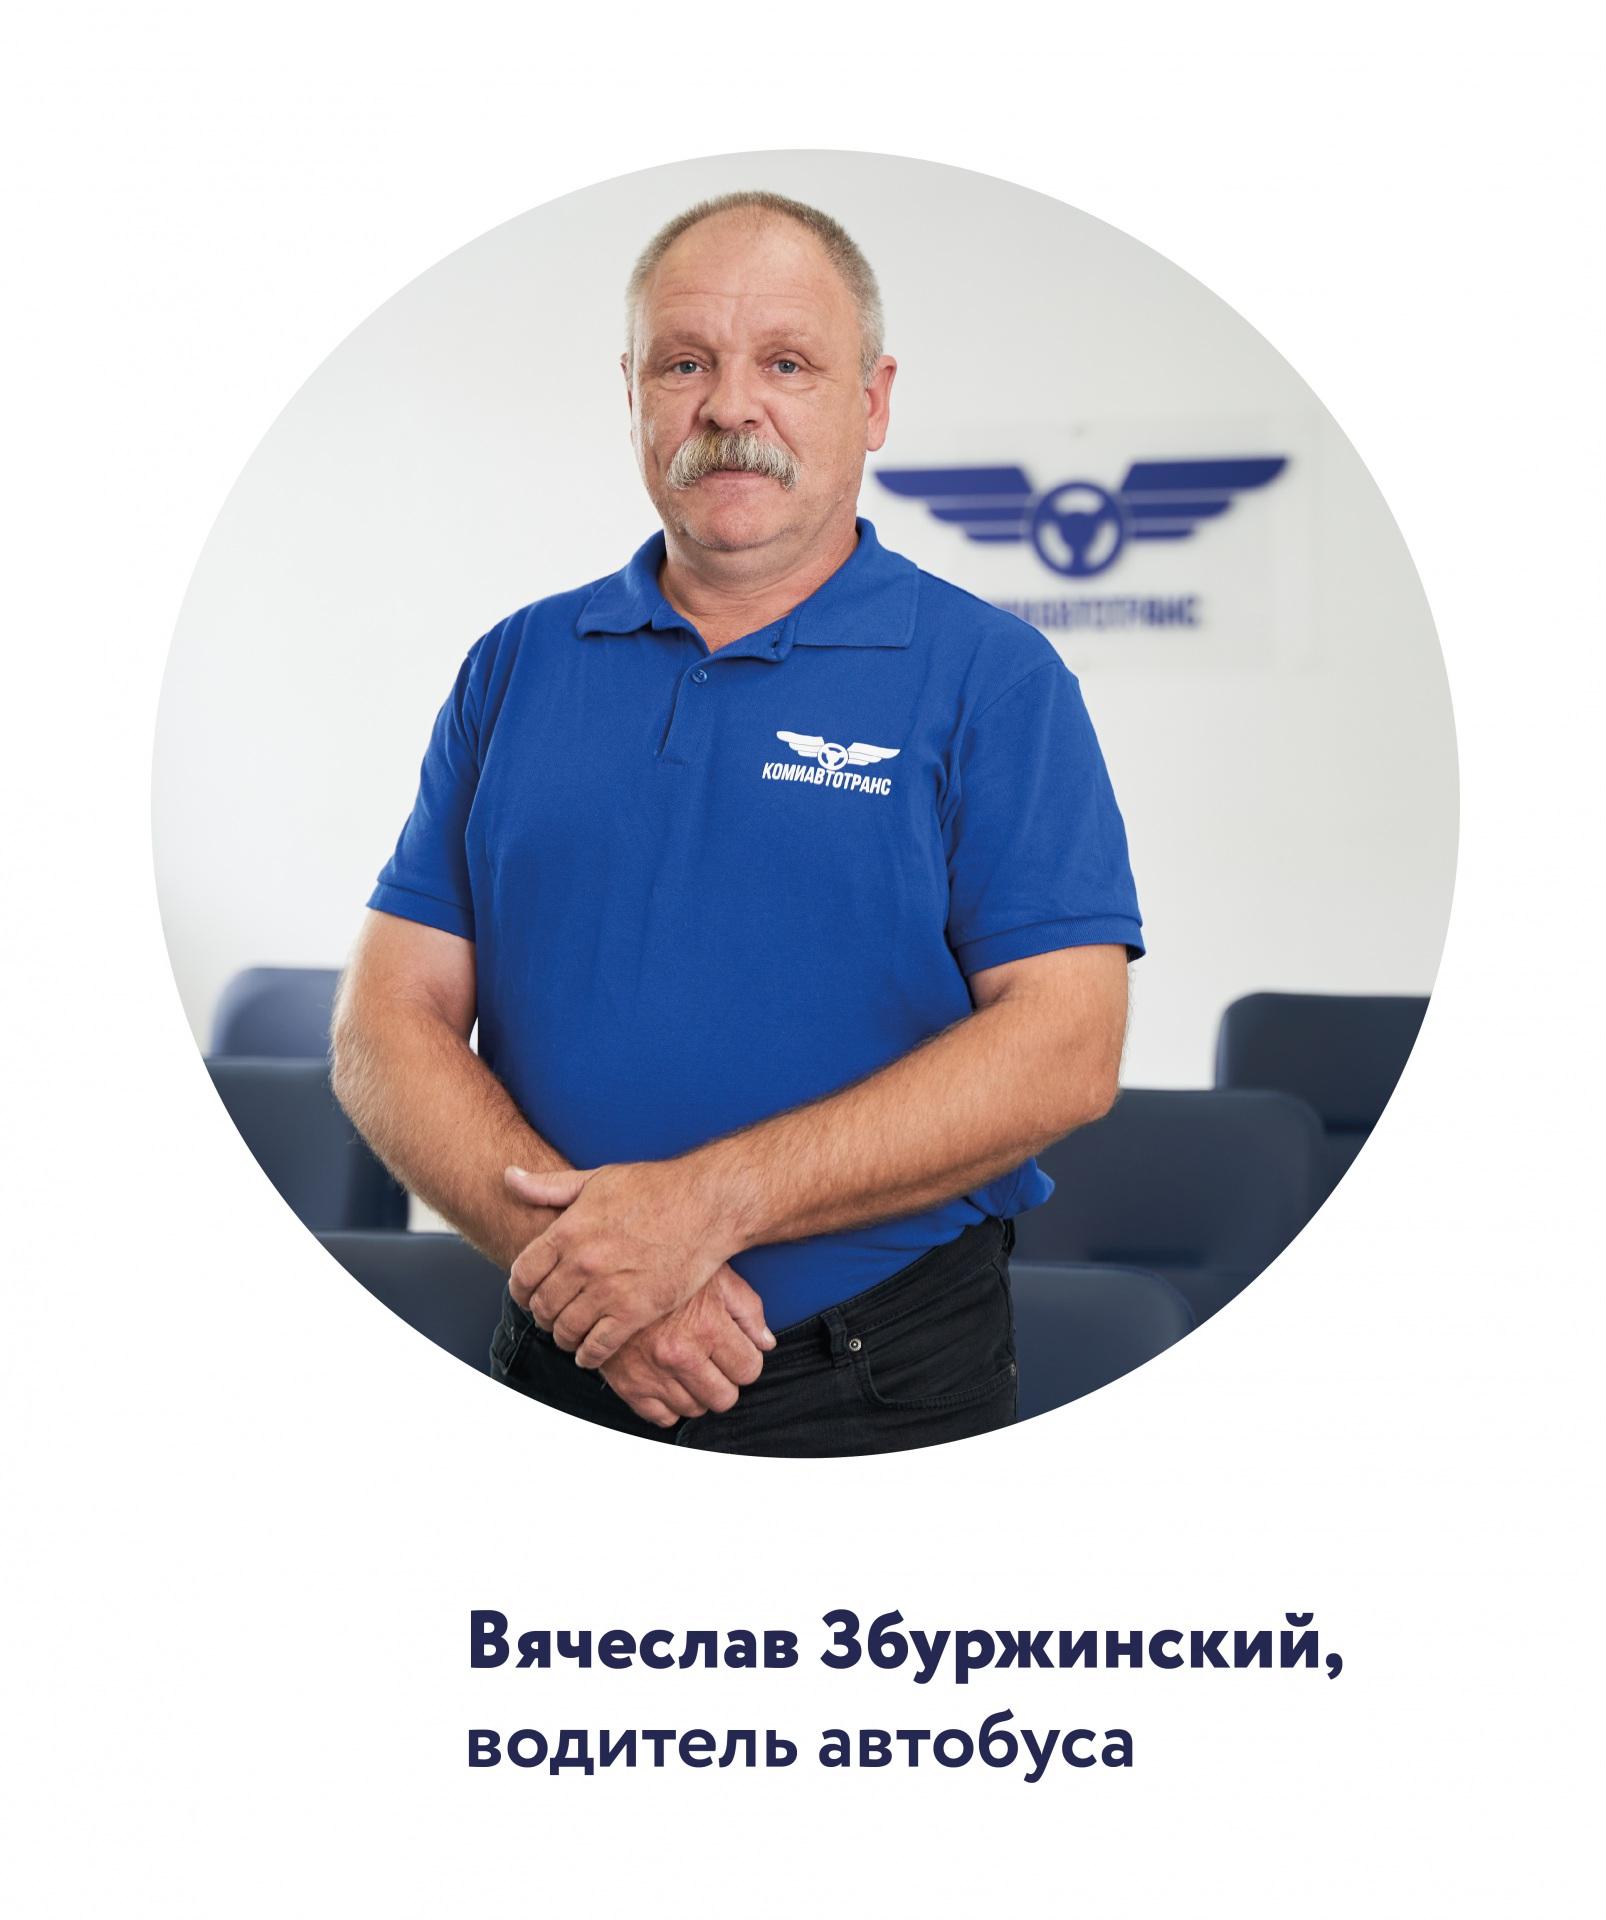 Zburghinskii_VK-01.jpg